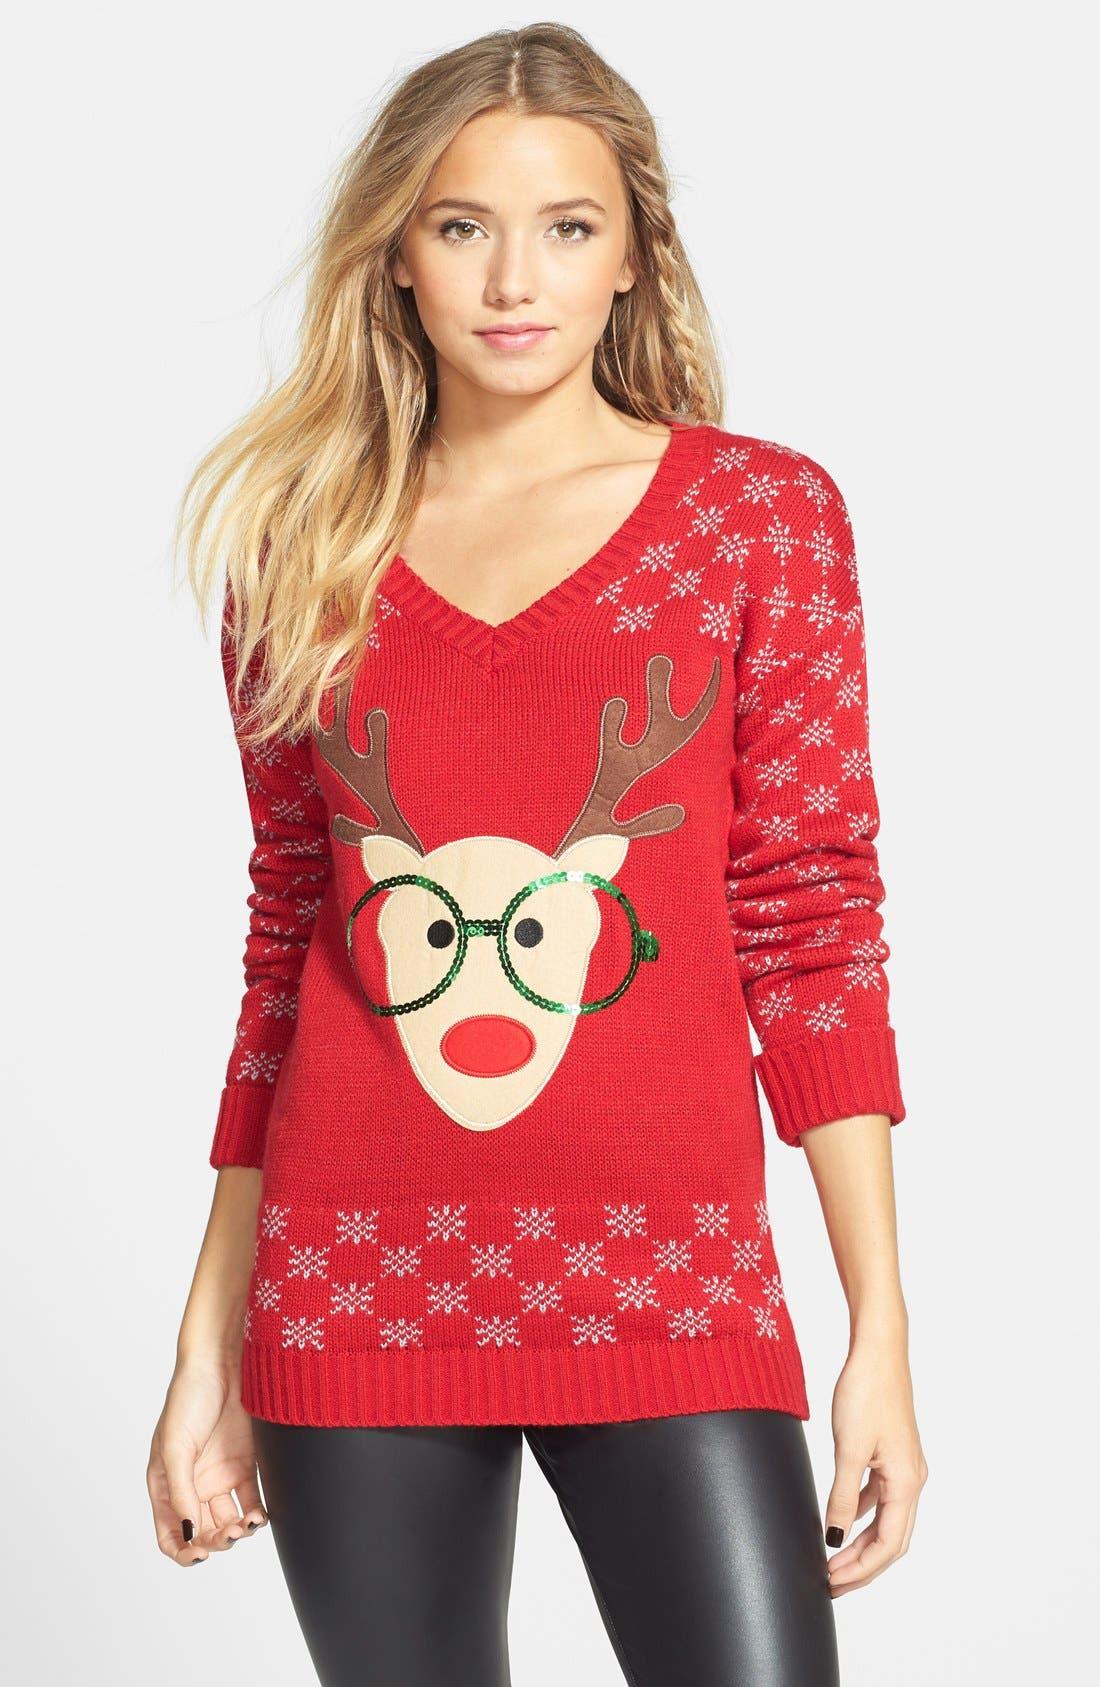 Alternate Image 1 Selected - Derek Heart Reindeer Sequin Sweater (Juniors)